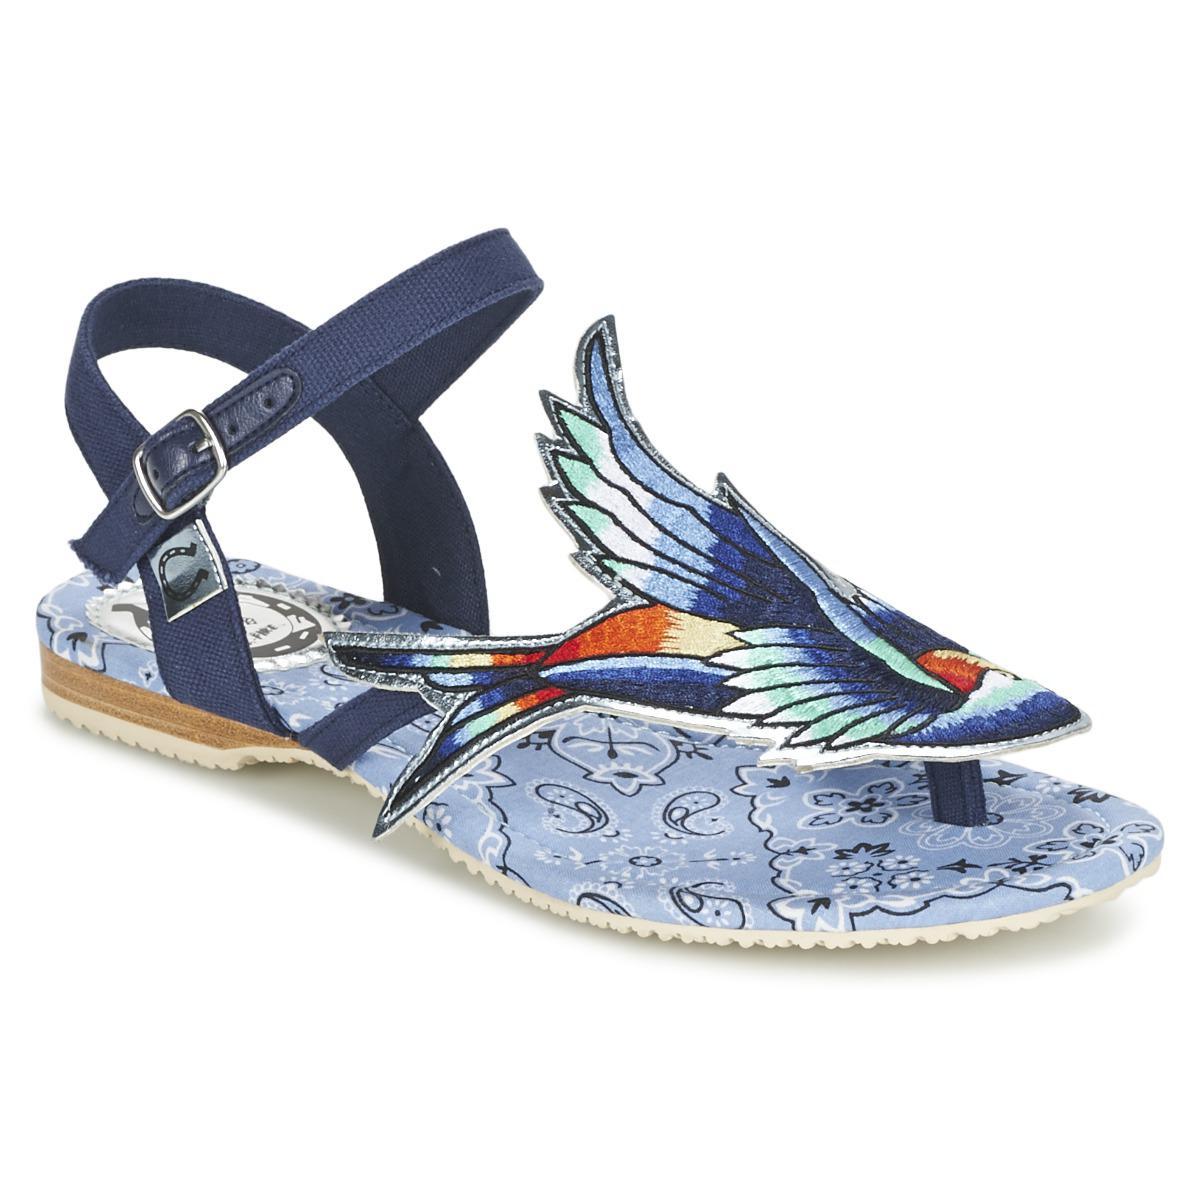 half off b8f52 b9bbf miss-lfire-blue-Bluebird-Womens-Sandals-In-Blue.jpeg